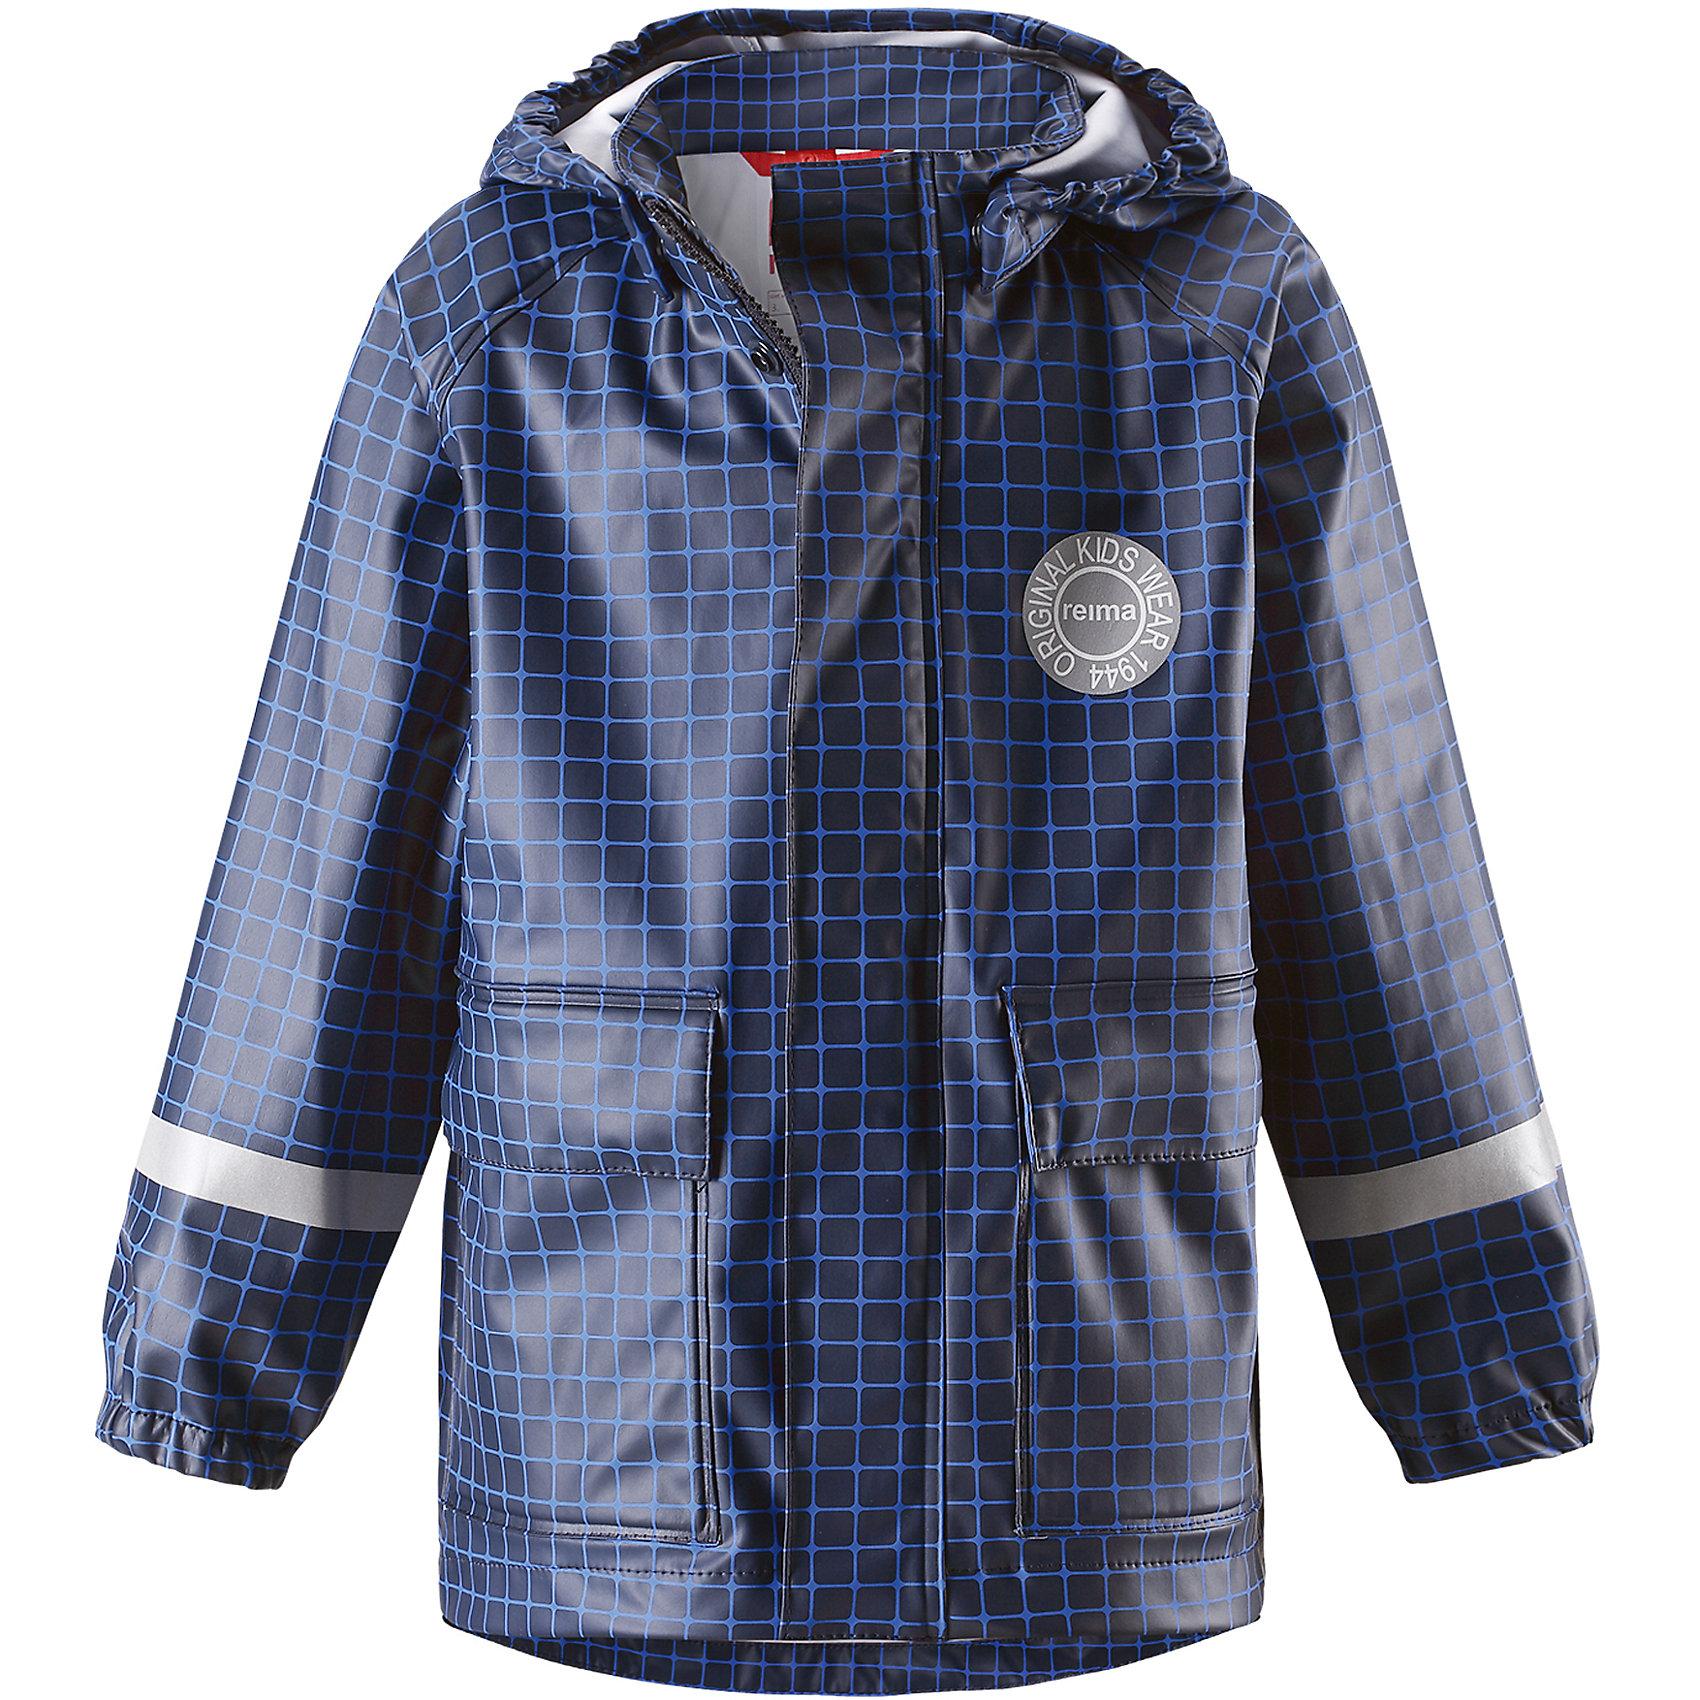 Плащ-дождевик Vihma для мальчика ReimaОдежда<br>Характеристики товара:<br><br>• цвет: синий<br>• состав: 100% полиэстер, полиуретановое покрытие<br>• температурный режим от +10°до +20°С<br>• водонепроницаемость: 10000 мм<br>• без утеплителя<br>• водонепроницаемый материал с запаянными швами<br>• можно пристегиватьпромежуточные слои Reima® с помощью кнопок Play Layers®<br>• эластичный материал<br>• не содержит ПВХ<br>• безопасный съёмный капюшон<br>• два накладных кармана<br>• спереди застёгивается на молнию<br>• светоотражающие детали<br>• комфортная посадка<br>• страна производства: Китай<br>• страна бренда: Финляндия<br>• коллекция: весна-лето 2017<br><br>В межсезонье верхняя одежда для детей может быть модной и комфортной одновременно! Легкая куртка поможет обеспечить ребенку комфорт и тепло. Она отлично смотрится с различной одеждой и обувью. Изделие удобно сидит и модно выглядит. Материал - прочный, хорошо подходящий для дождливой погоды. Стильный дизайн разрабатывался специально для детей.<br><br>Одежда и обувь от финского бренда Reima пользуется популярностью во многих странах. Эти изделия стильные, качественные и удобные. Для производства продукции используются только безопасные, проверенные материалы и фурнитура. Порадуйте ребенка модными и красивыми вещами от Reima! <br><br>Куртку для мальчика от финского бренда Reima (Рейма) можно купить в нашем интернет-магазине.<br><br>Ширина мм: 356<br>Глубина мм: 10<br>Высота мм: 245<br>Вес г: 519<br>Цвет: синий<br>Возраст от месяцев: 60<br>Возраст до месяцев: 72<br>Пол: Мужской<br>Возраст: Детский<br>Размер: 116,140,104,110,122,128,134<br>SKU: 5270397